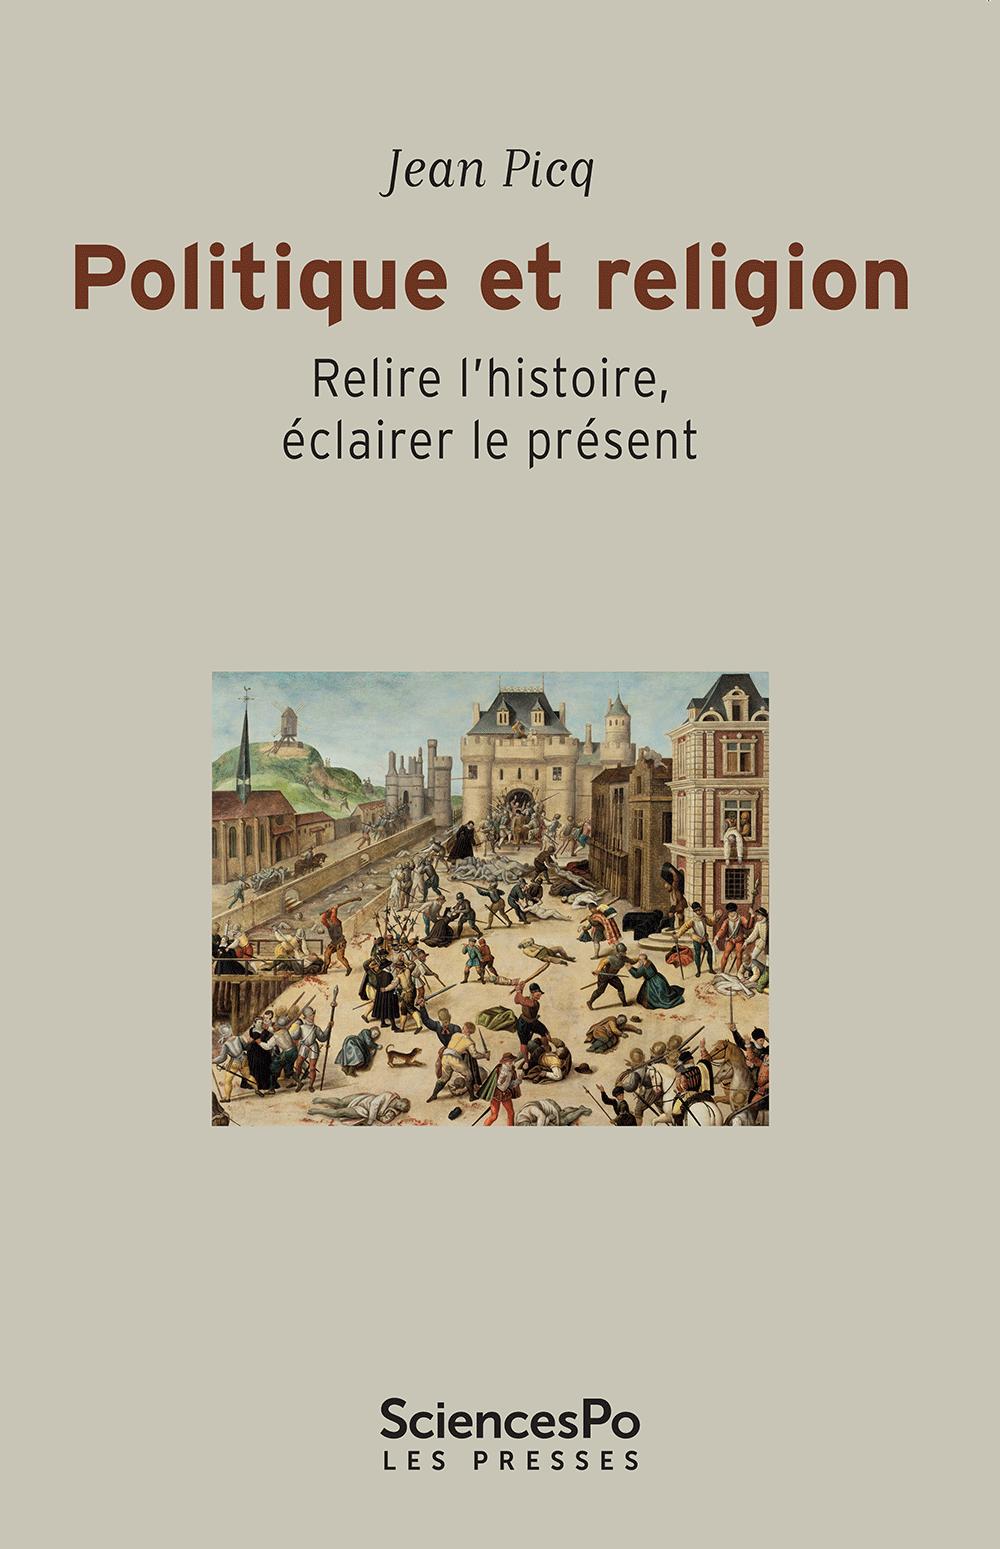 Politique et religion